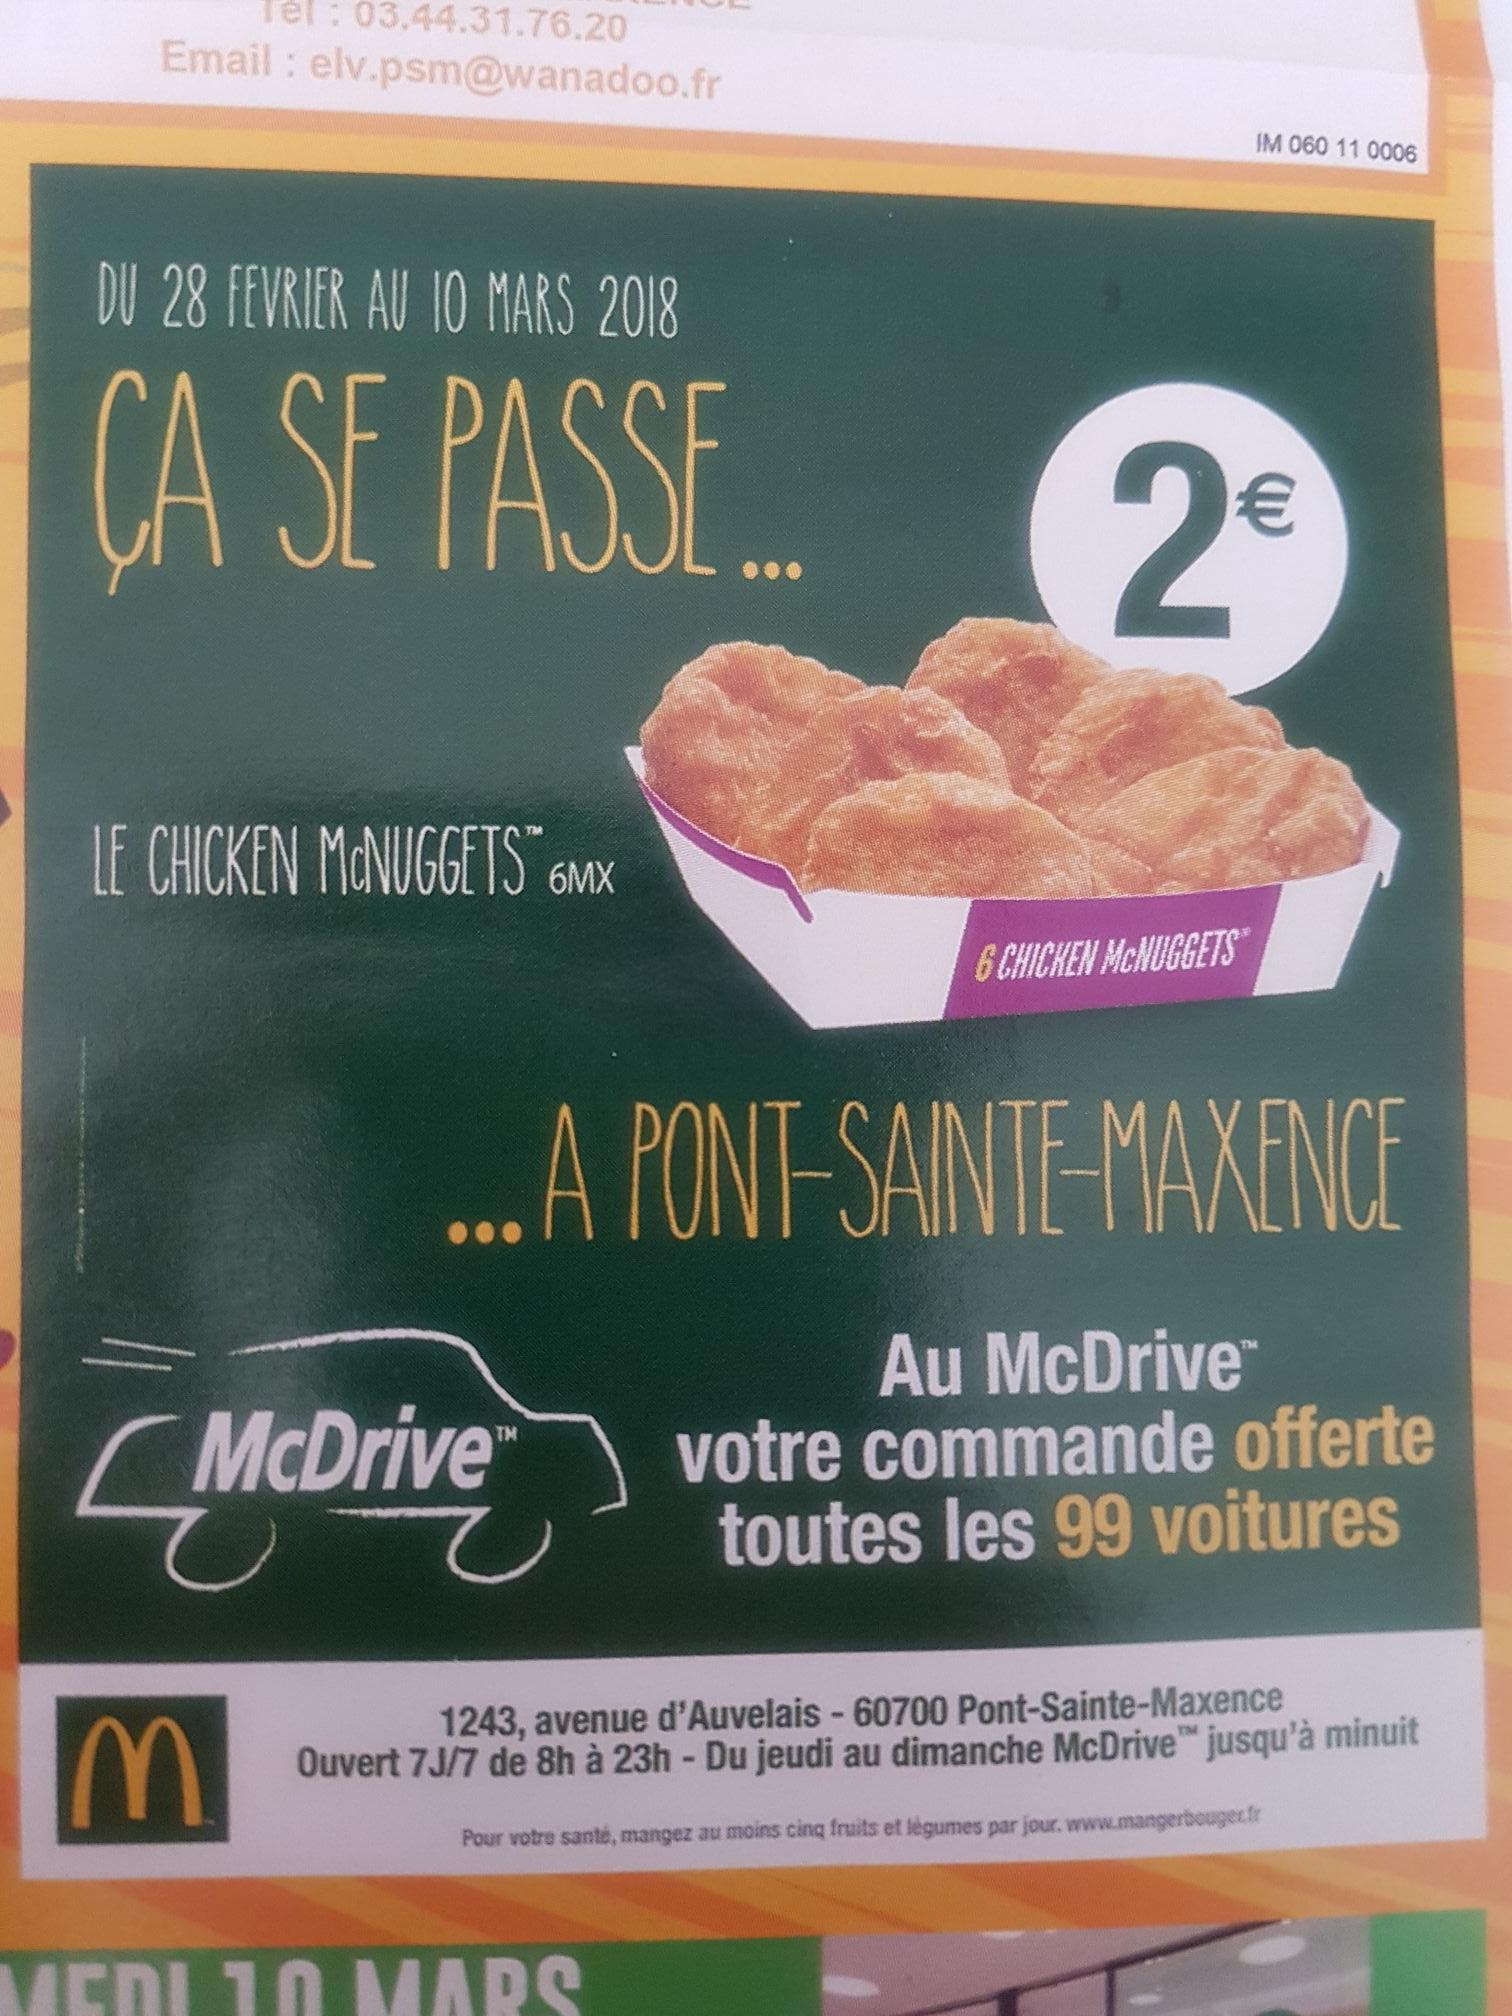 Boite de 6 chicken McNuggets à 2€ - Mcdonald's pont sainte maxence (60)